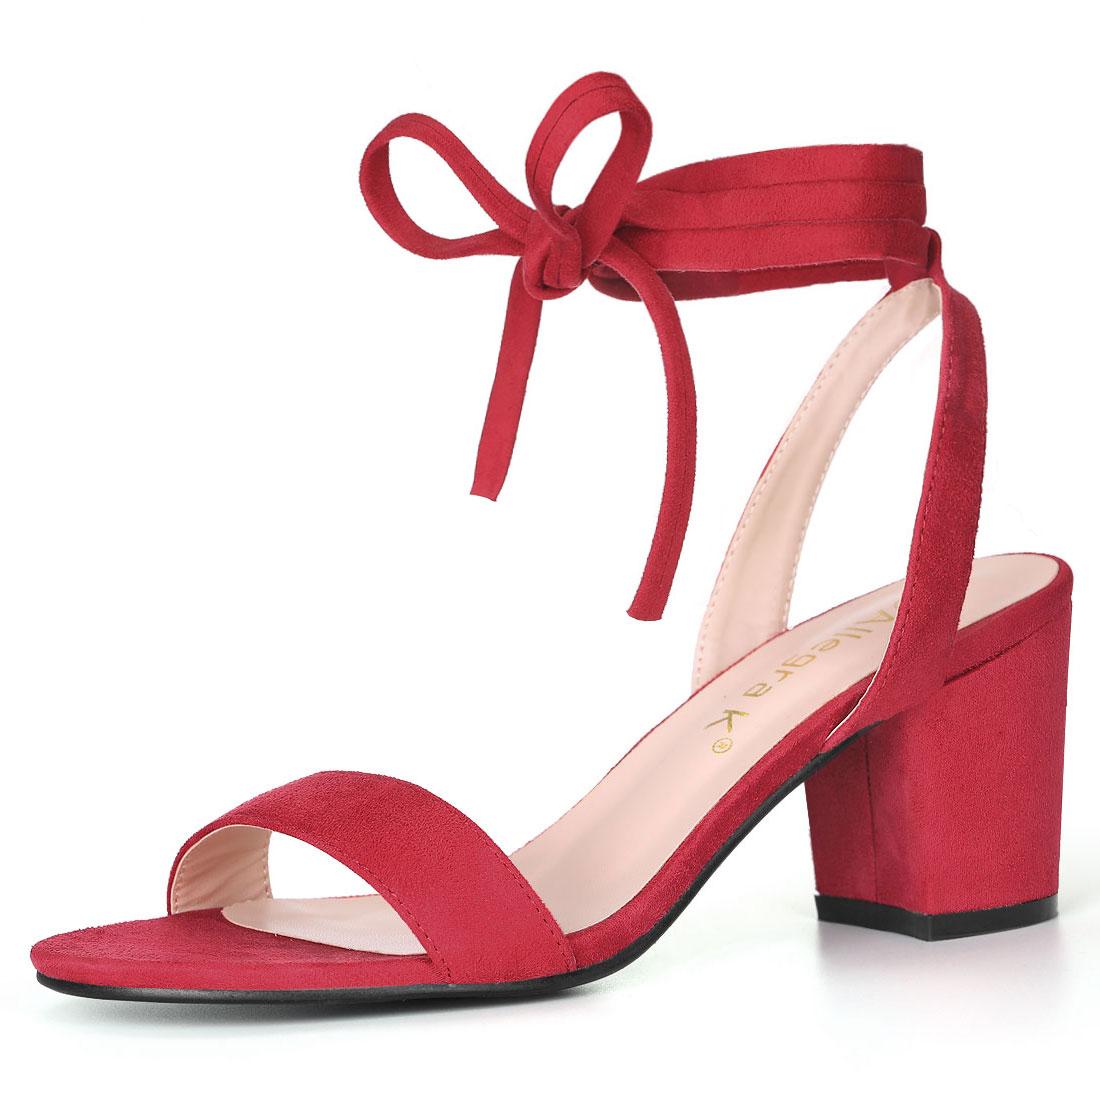 Allegra K Women's Open Toe Mid Block Heel Ankle Tie Sandals Red US 7